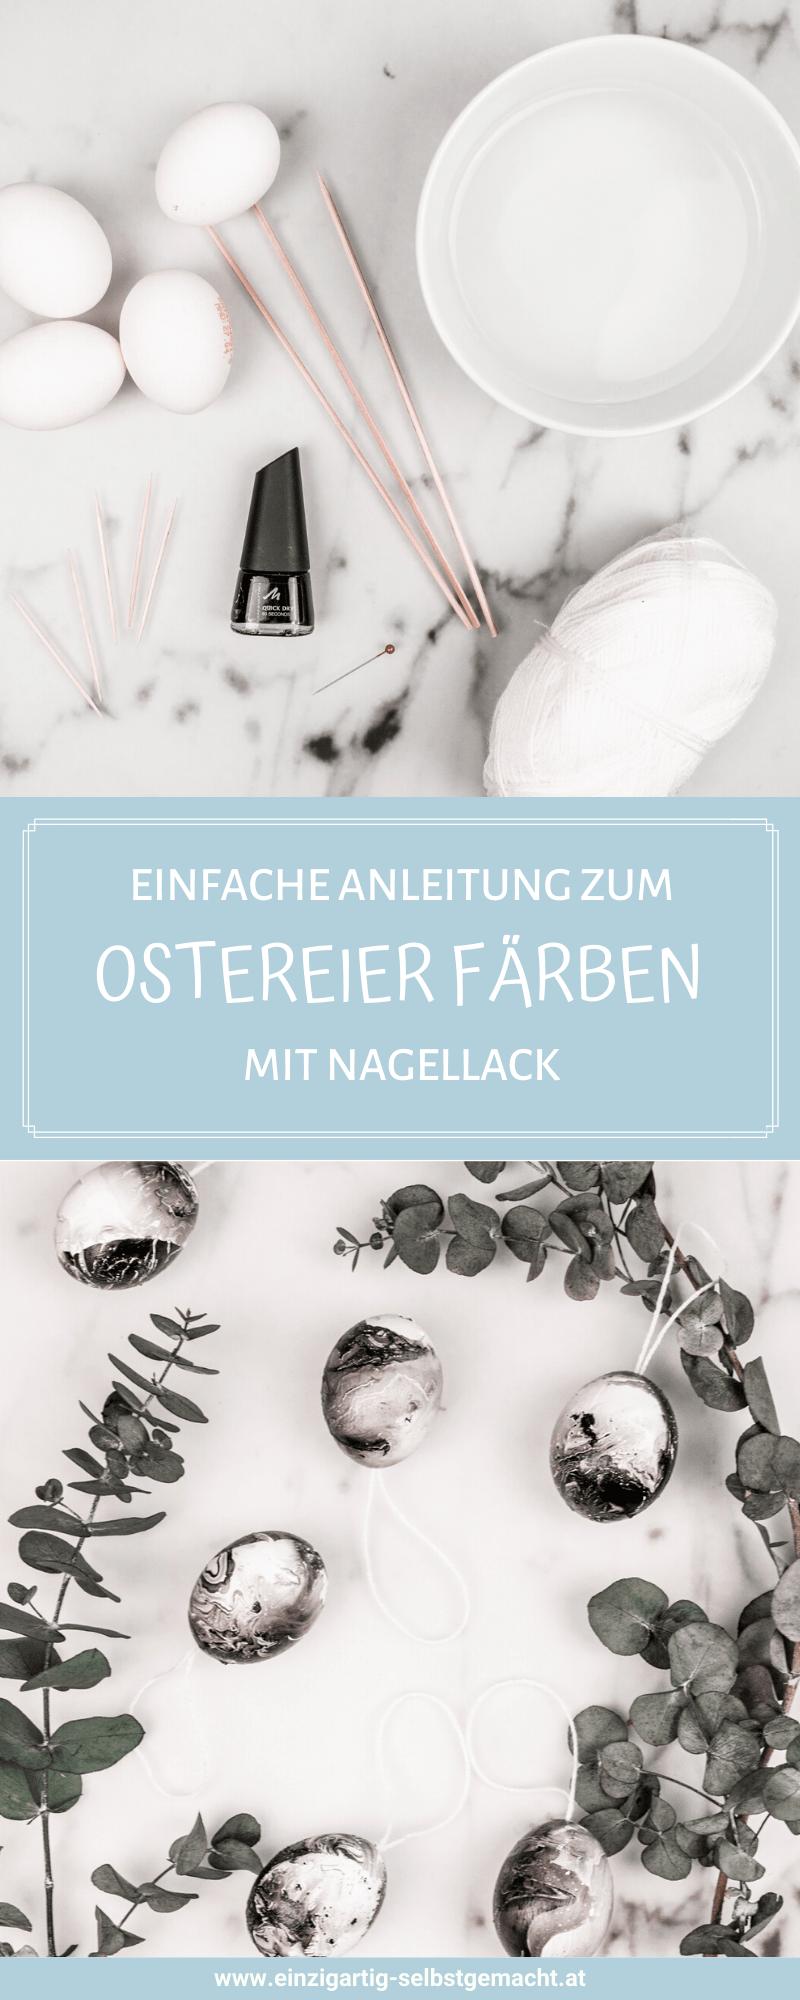 diy-ostereier-färben-mit-nagellack